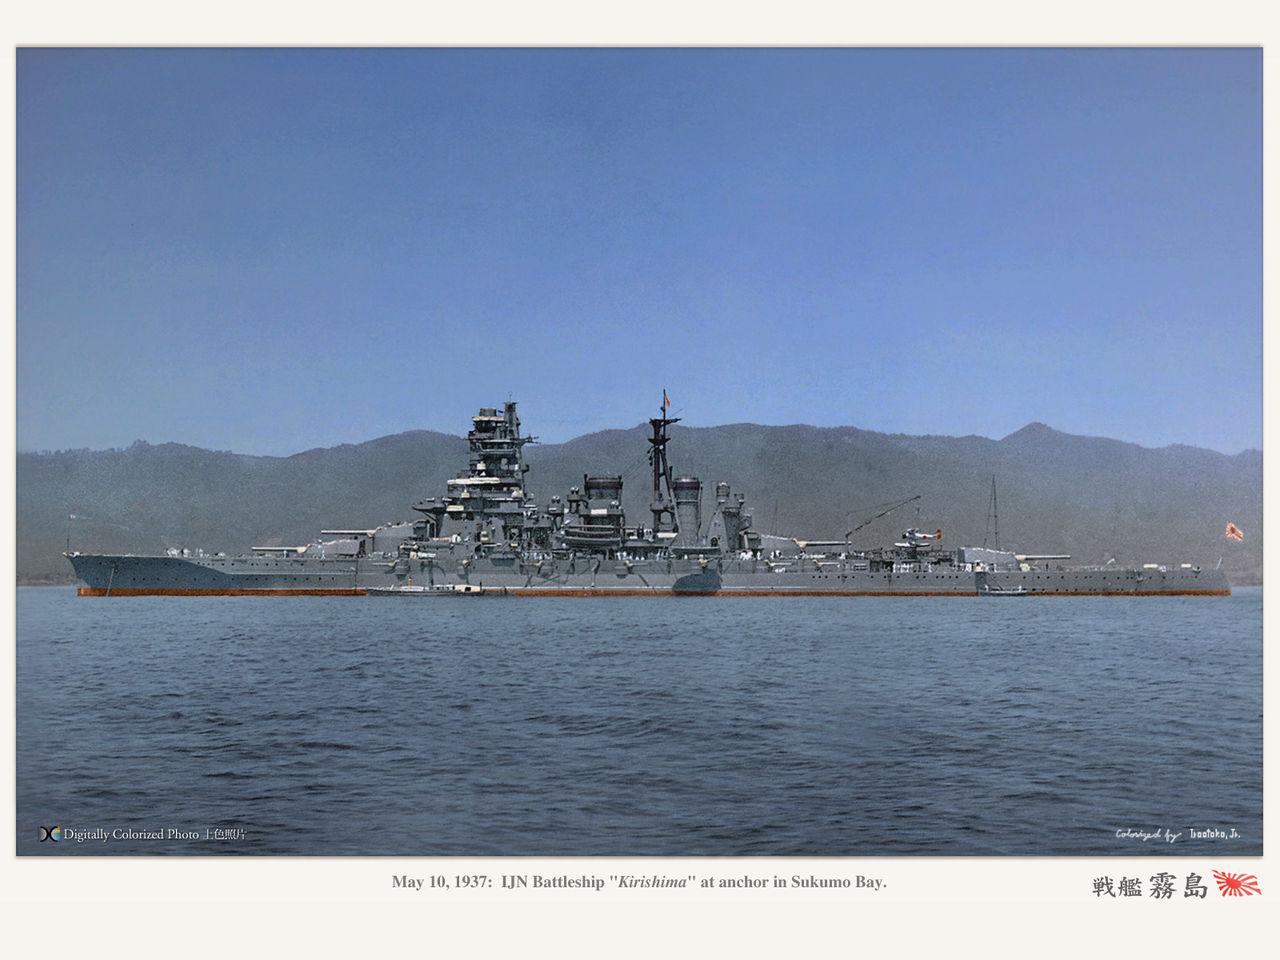 IJN Kirishima in 1937, colorized by Irootoko jr